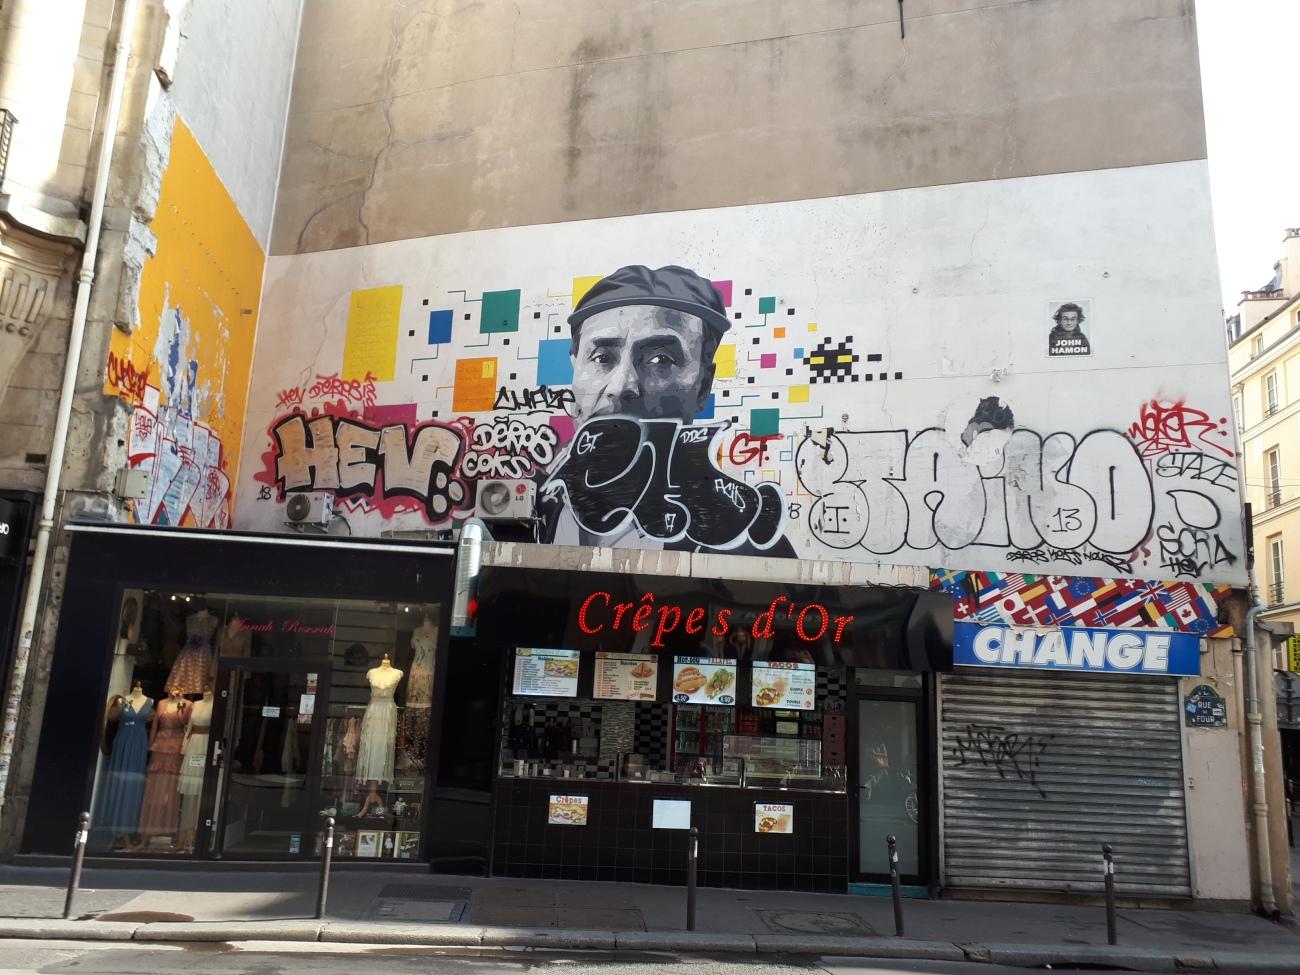 Street art in Saint-Germain-des-Prés